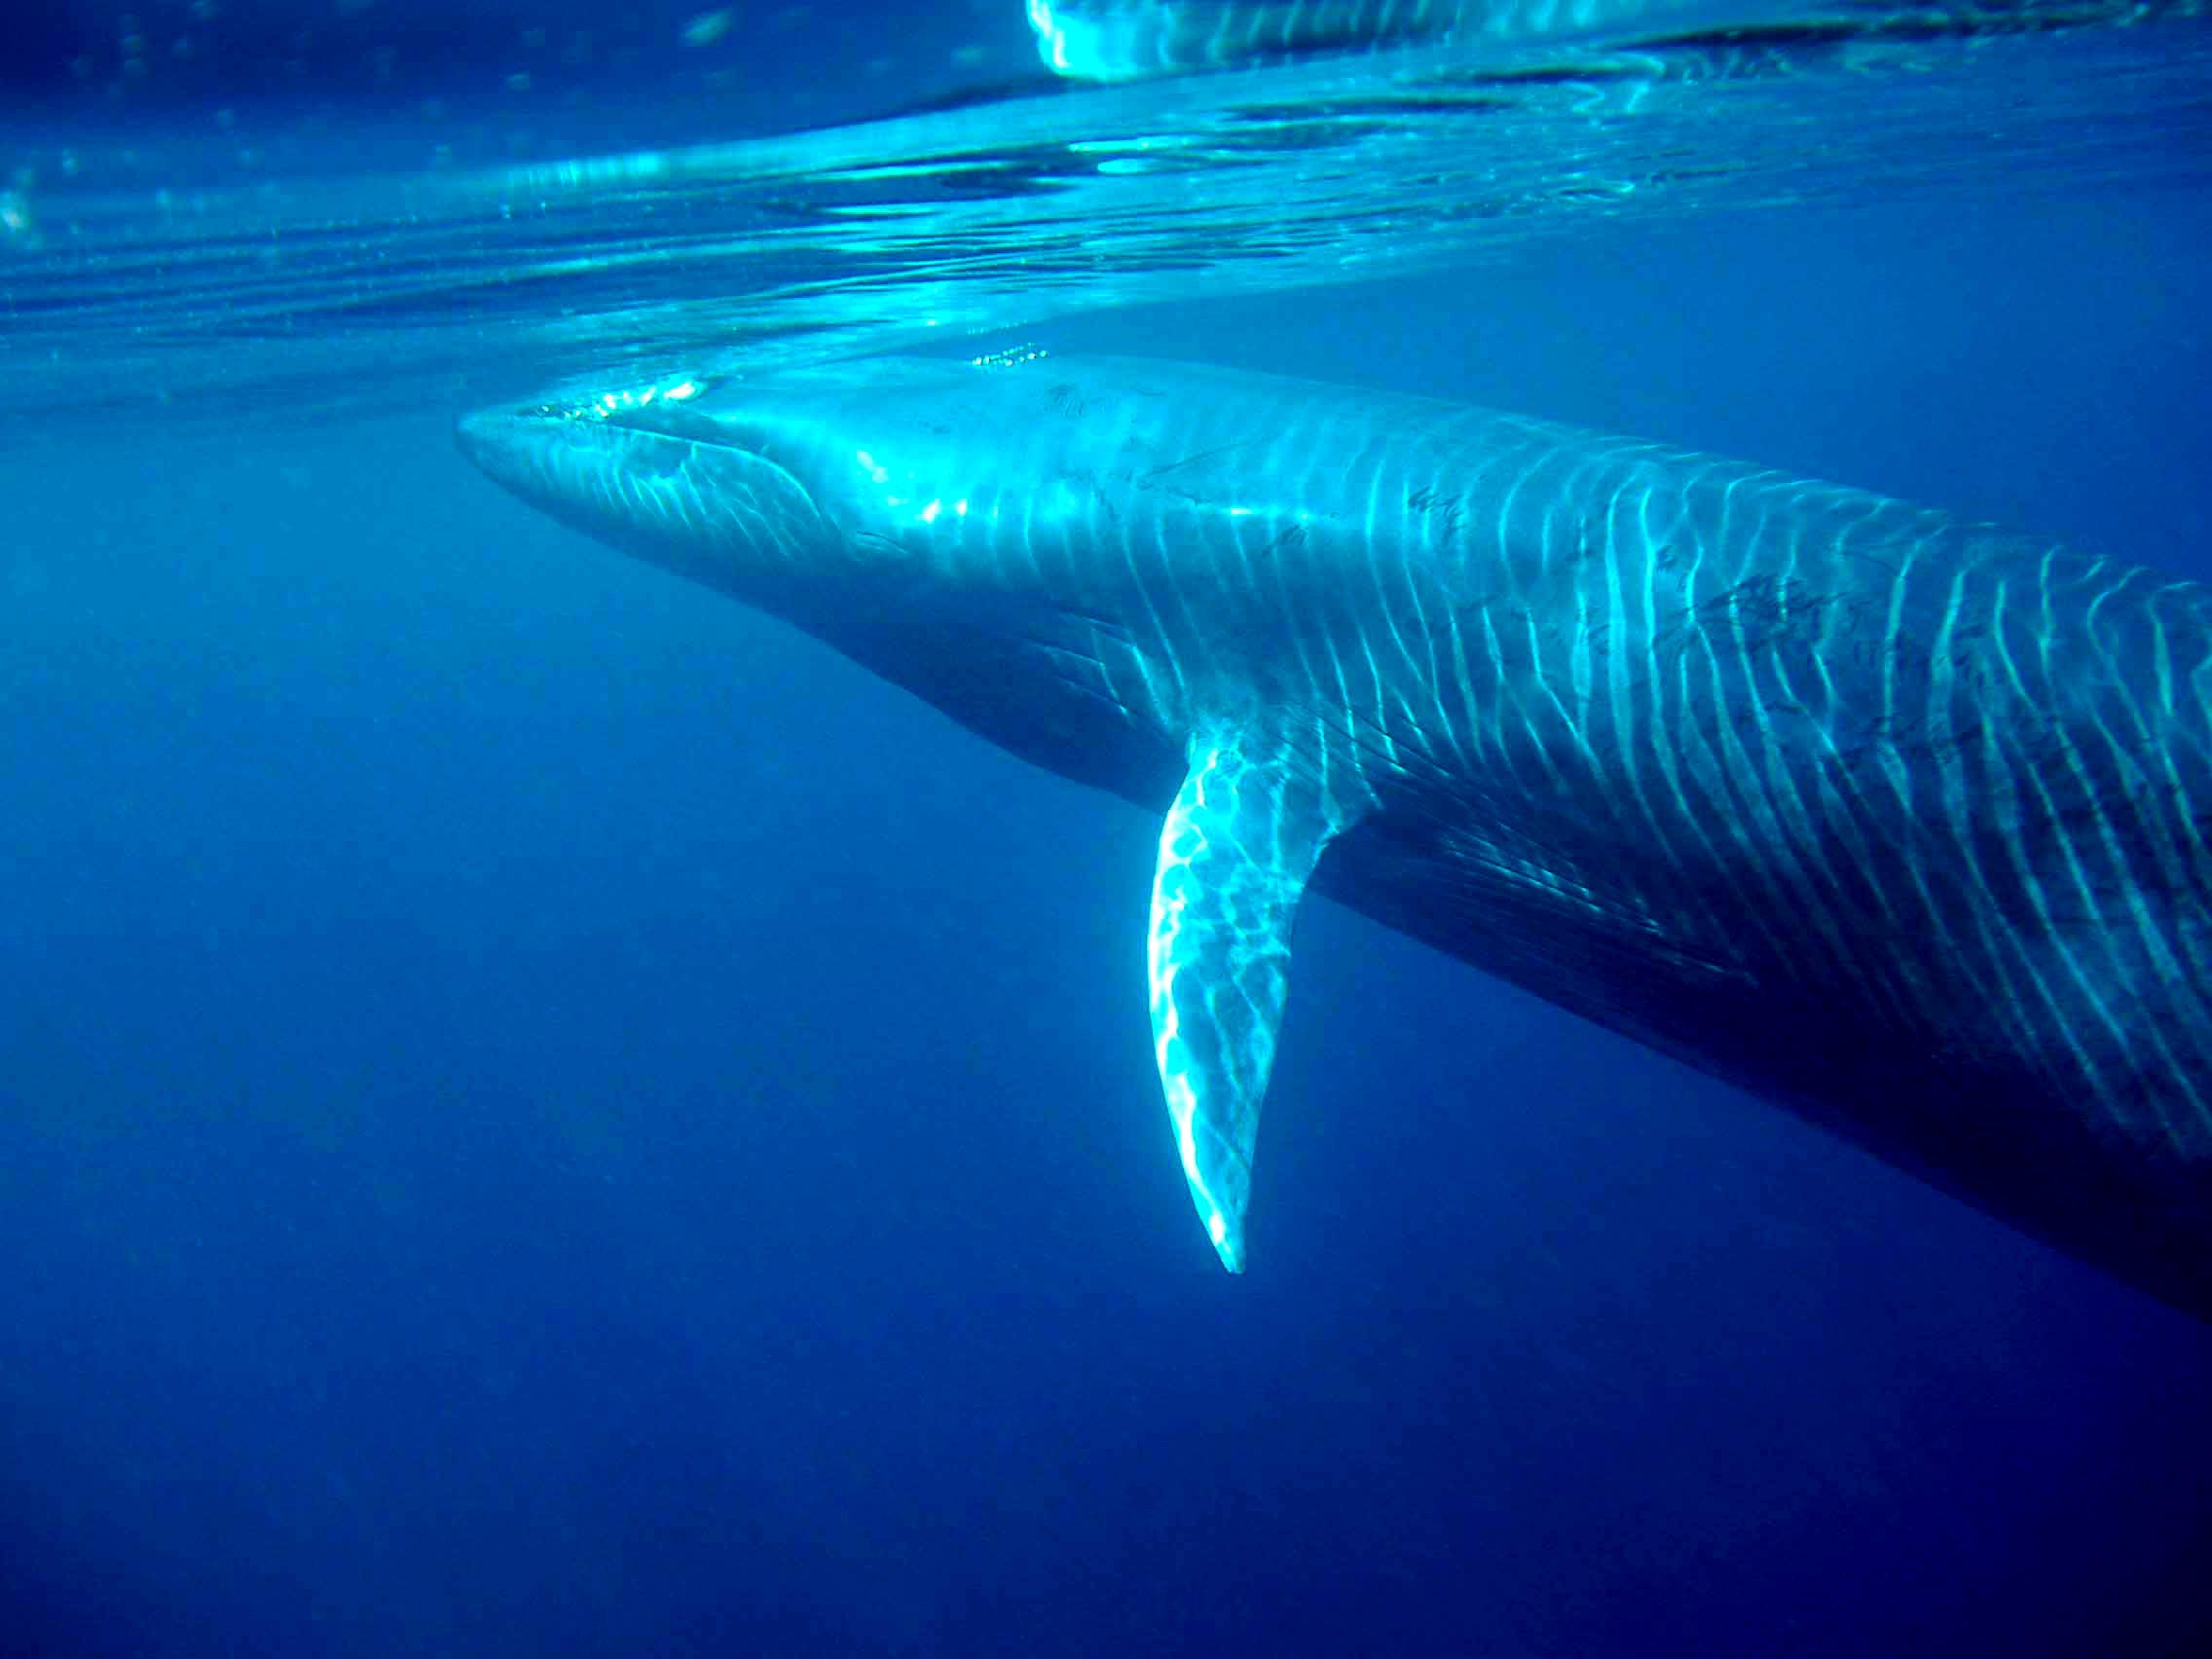 【社会】大阪で発見されたクジラの化石、半世紀ぶりに正体判明